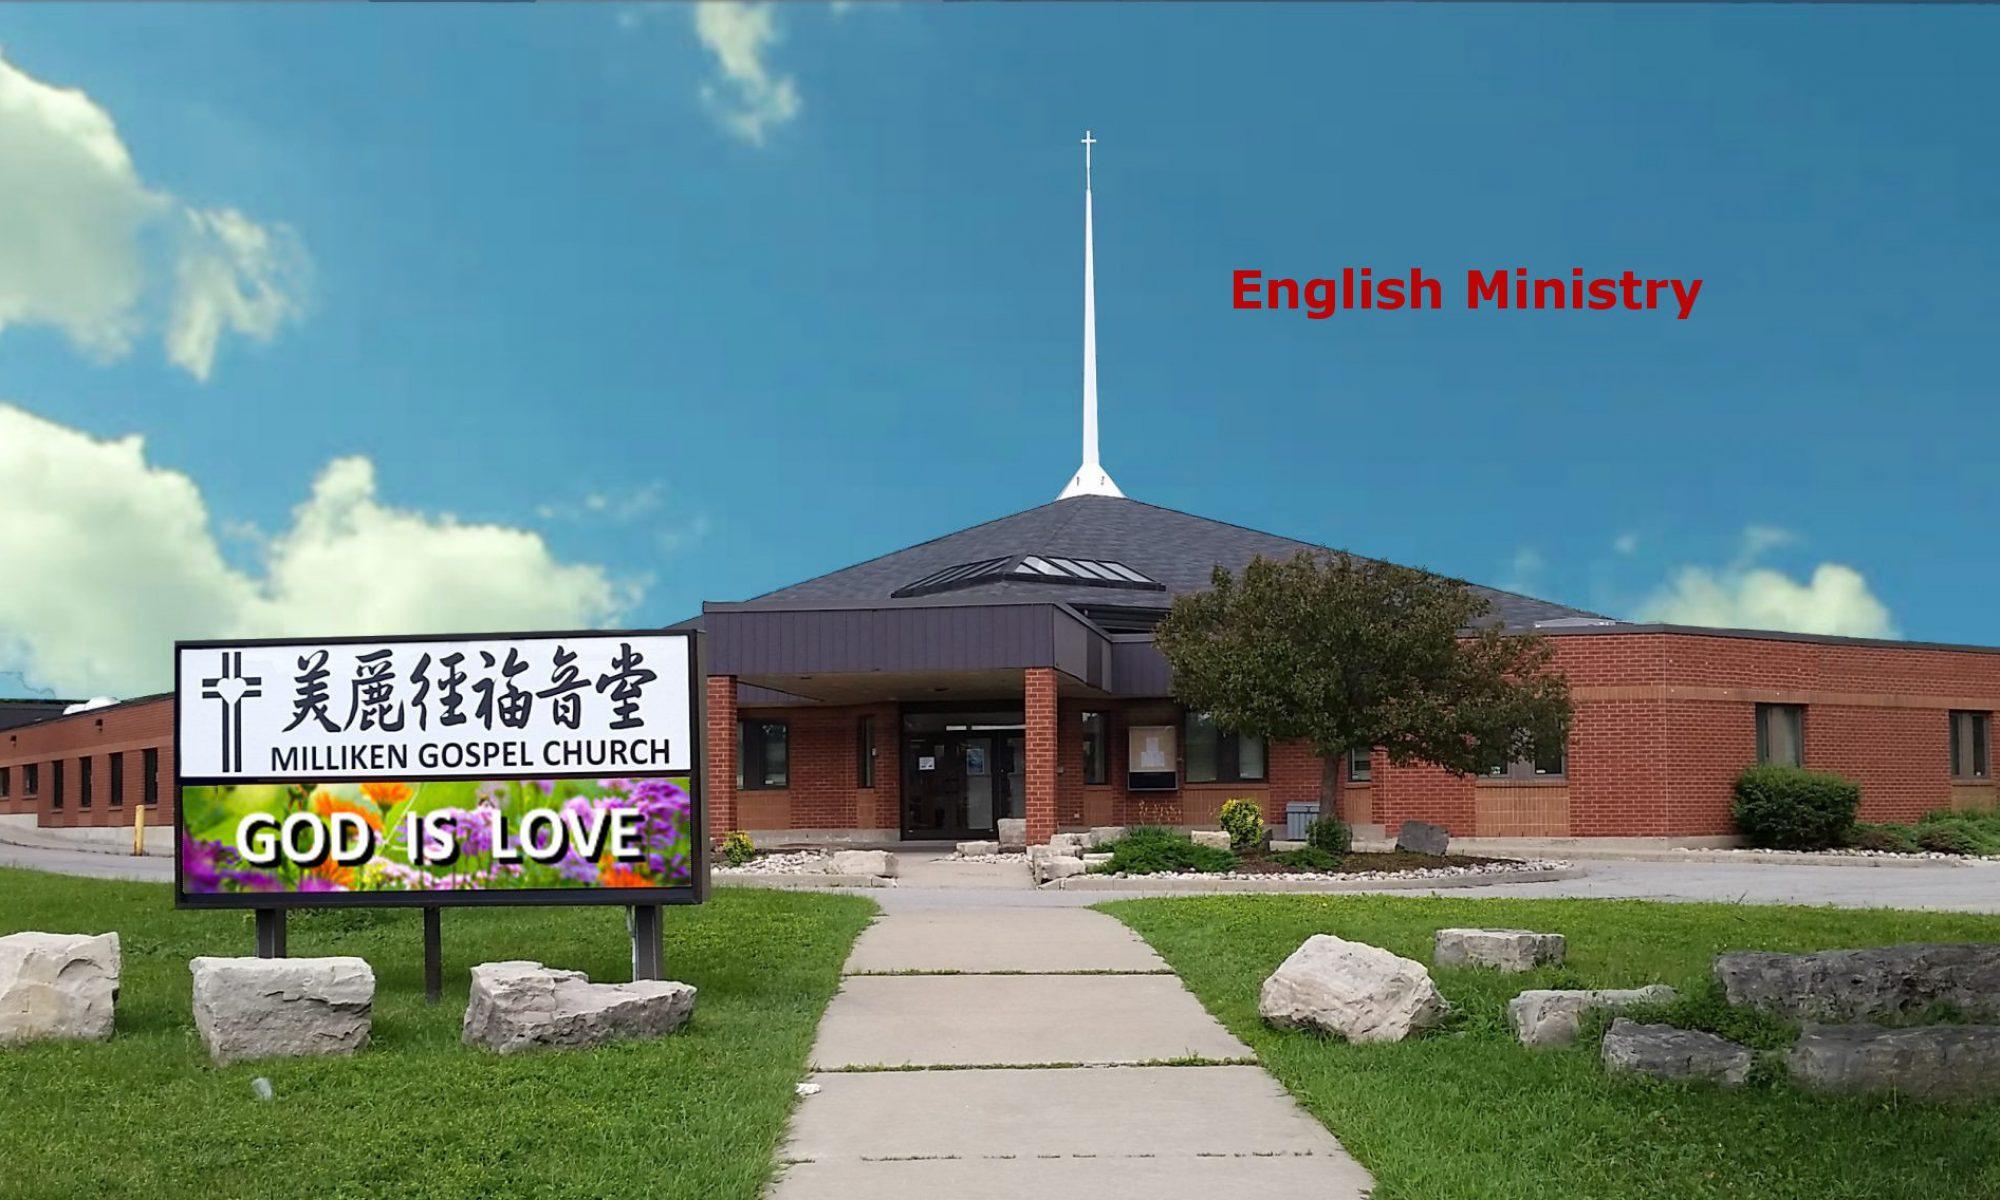 Milliken Gospel Church